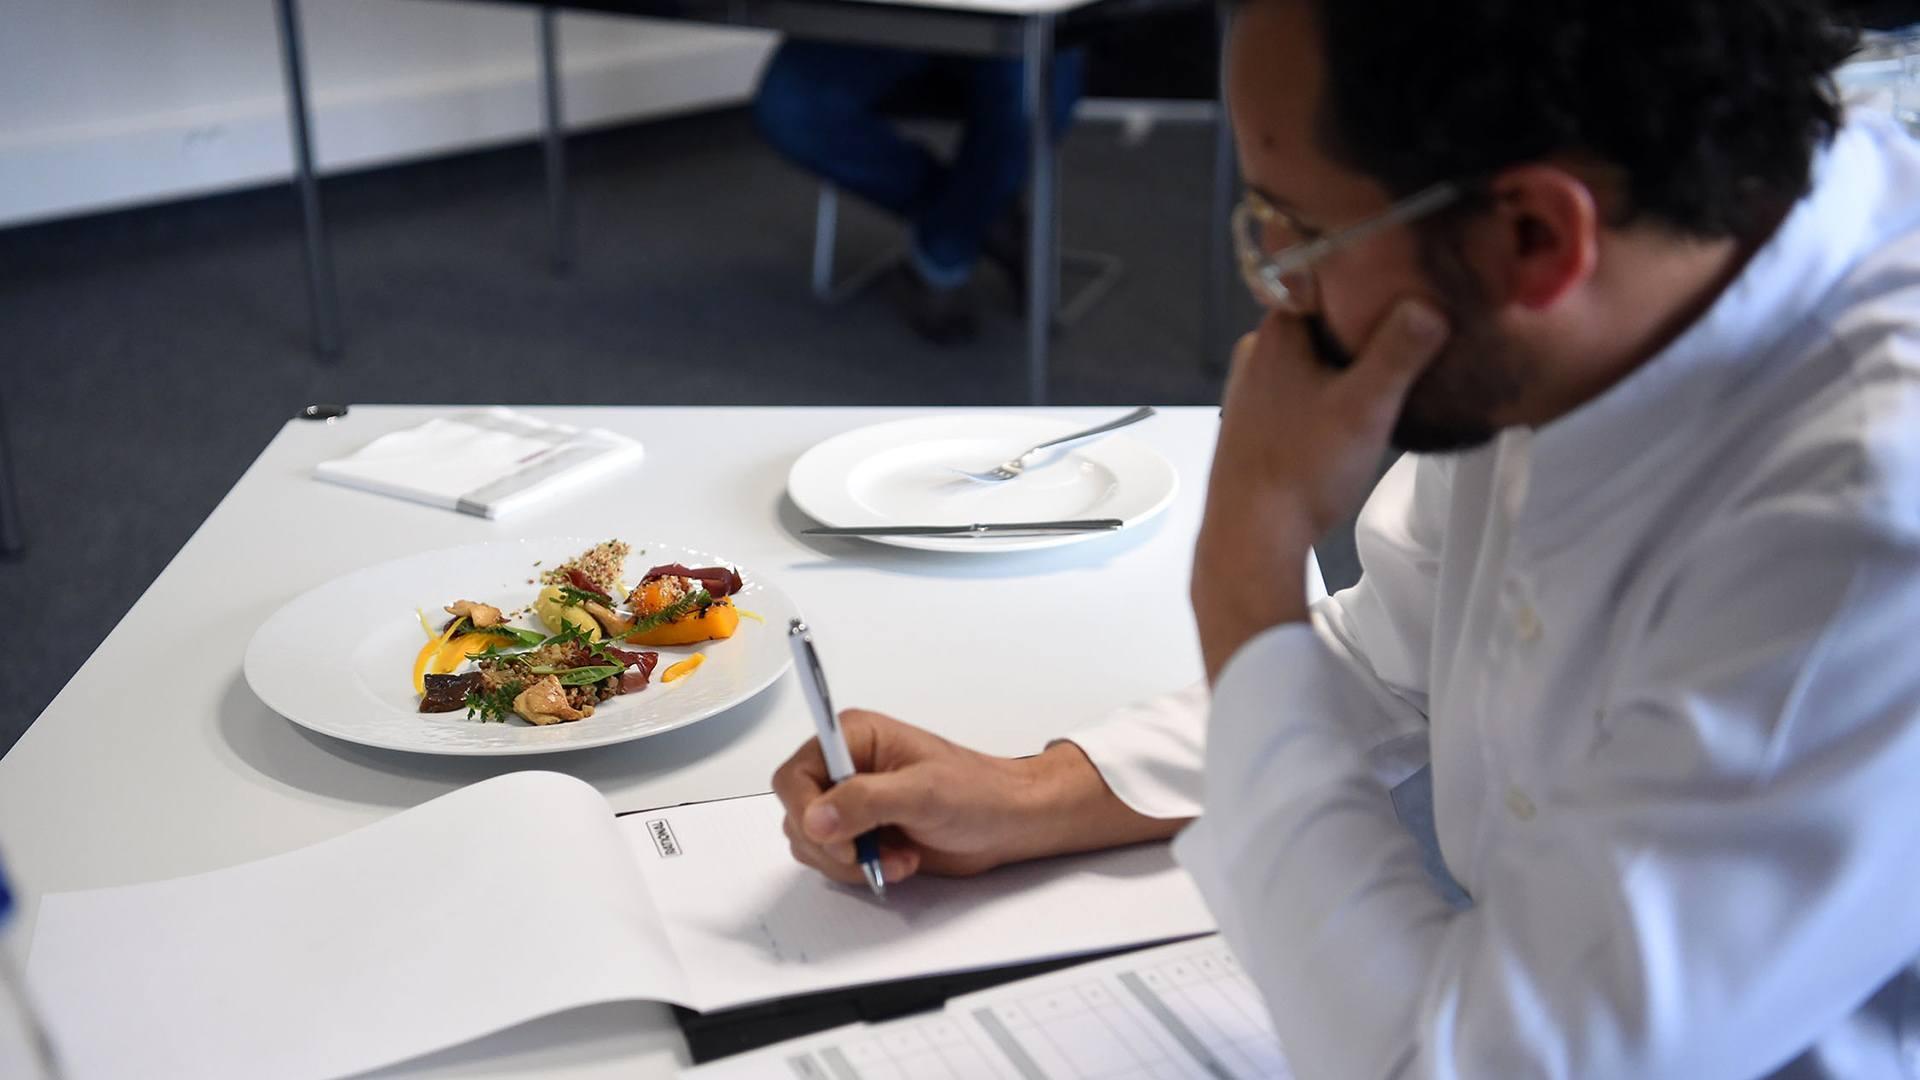 Toques et jeunes pousses dans la cuisine du futur : dégustation et notation